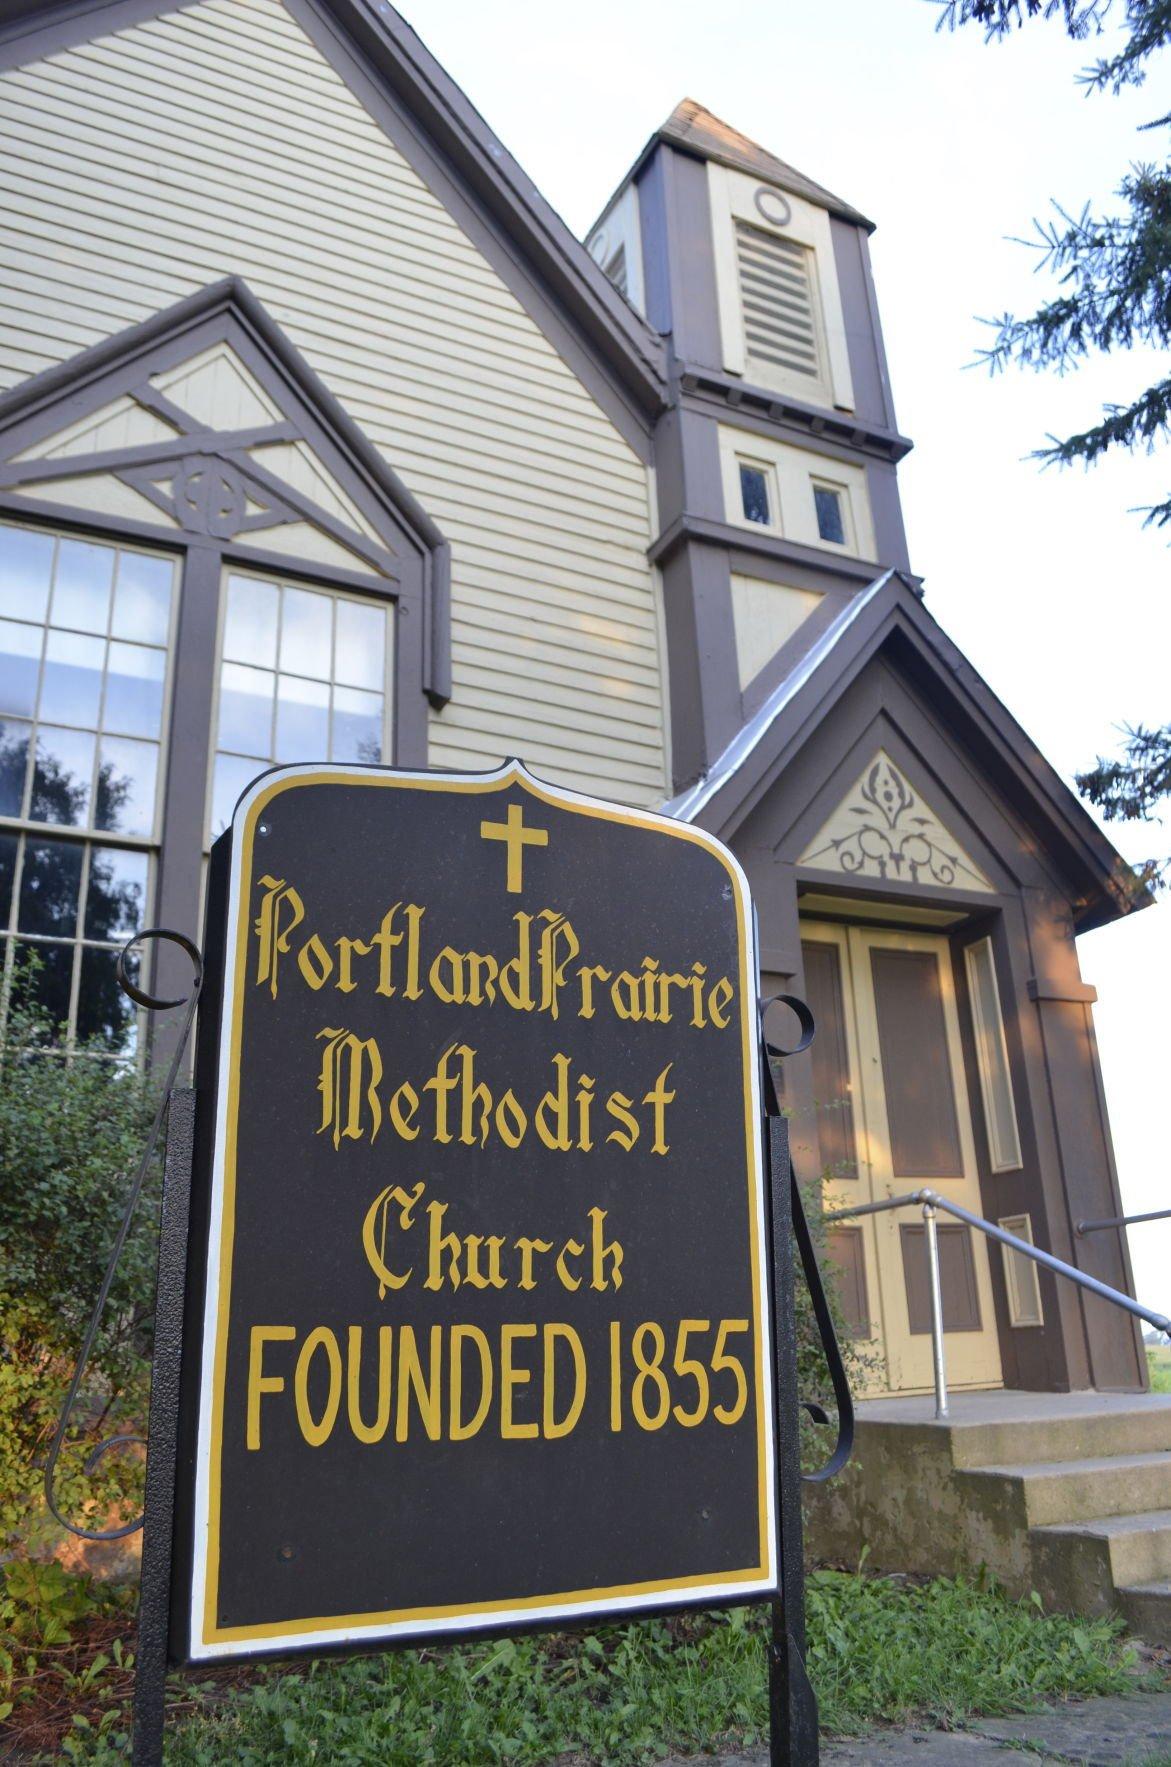 Portland Prairie Vertical